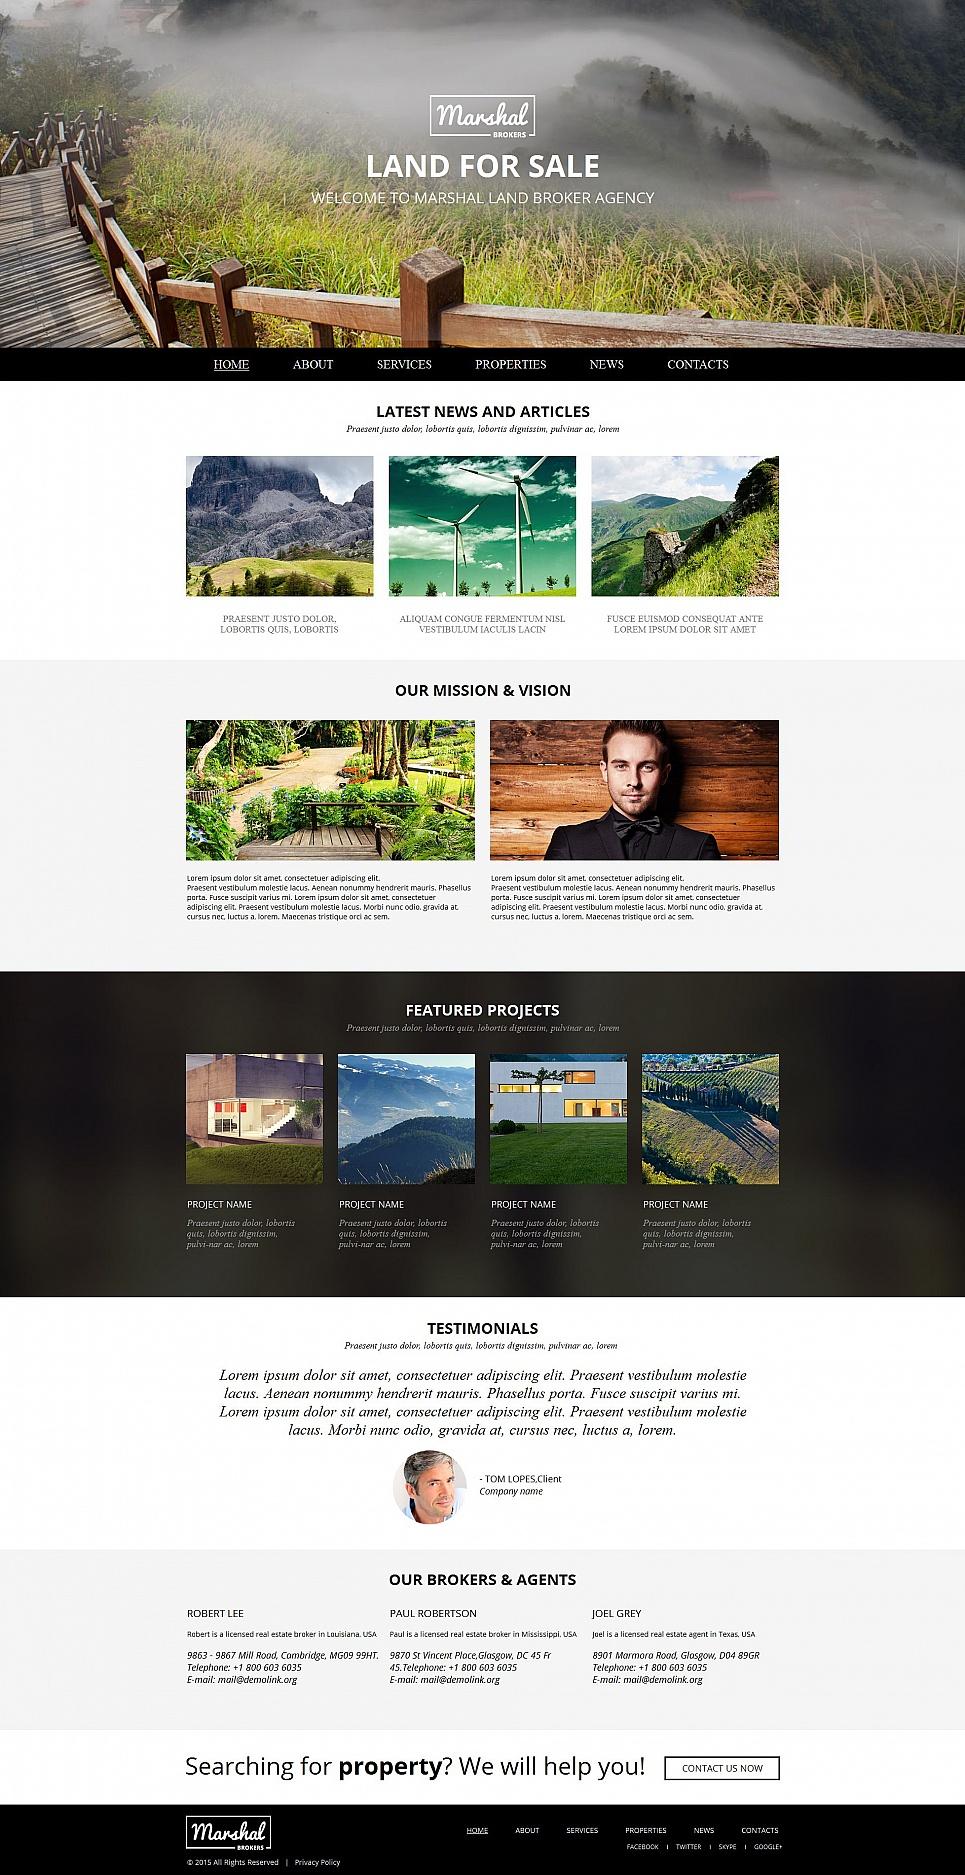 MotoCMS HTML Plantilla #54682 de categoría Inmobiliarias - image